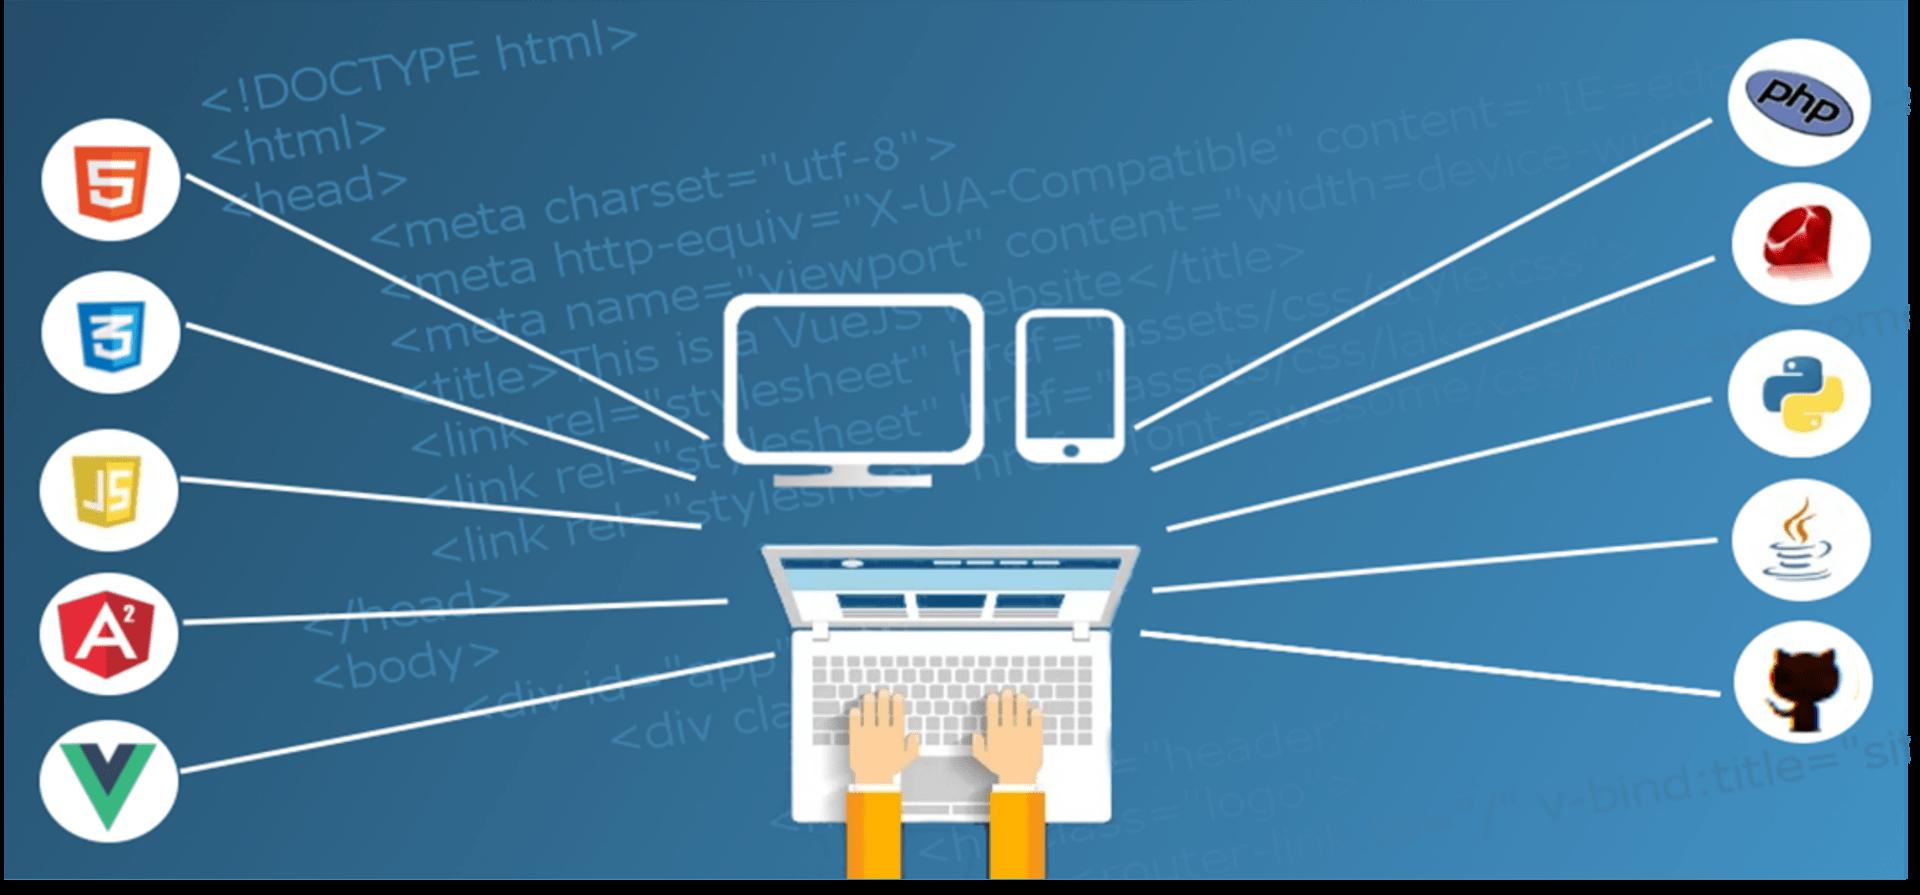 tecnologias de desenvolvimento web